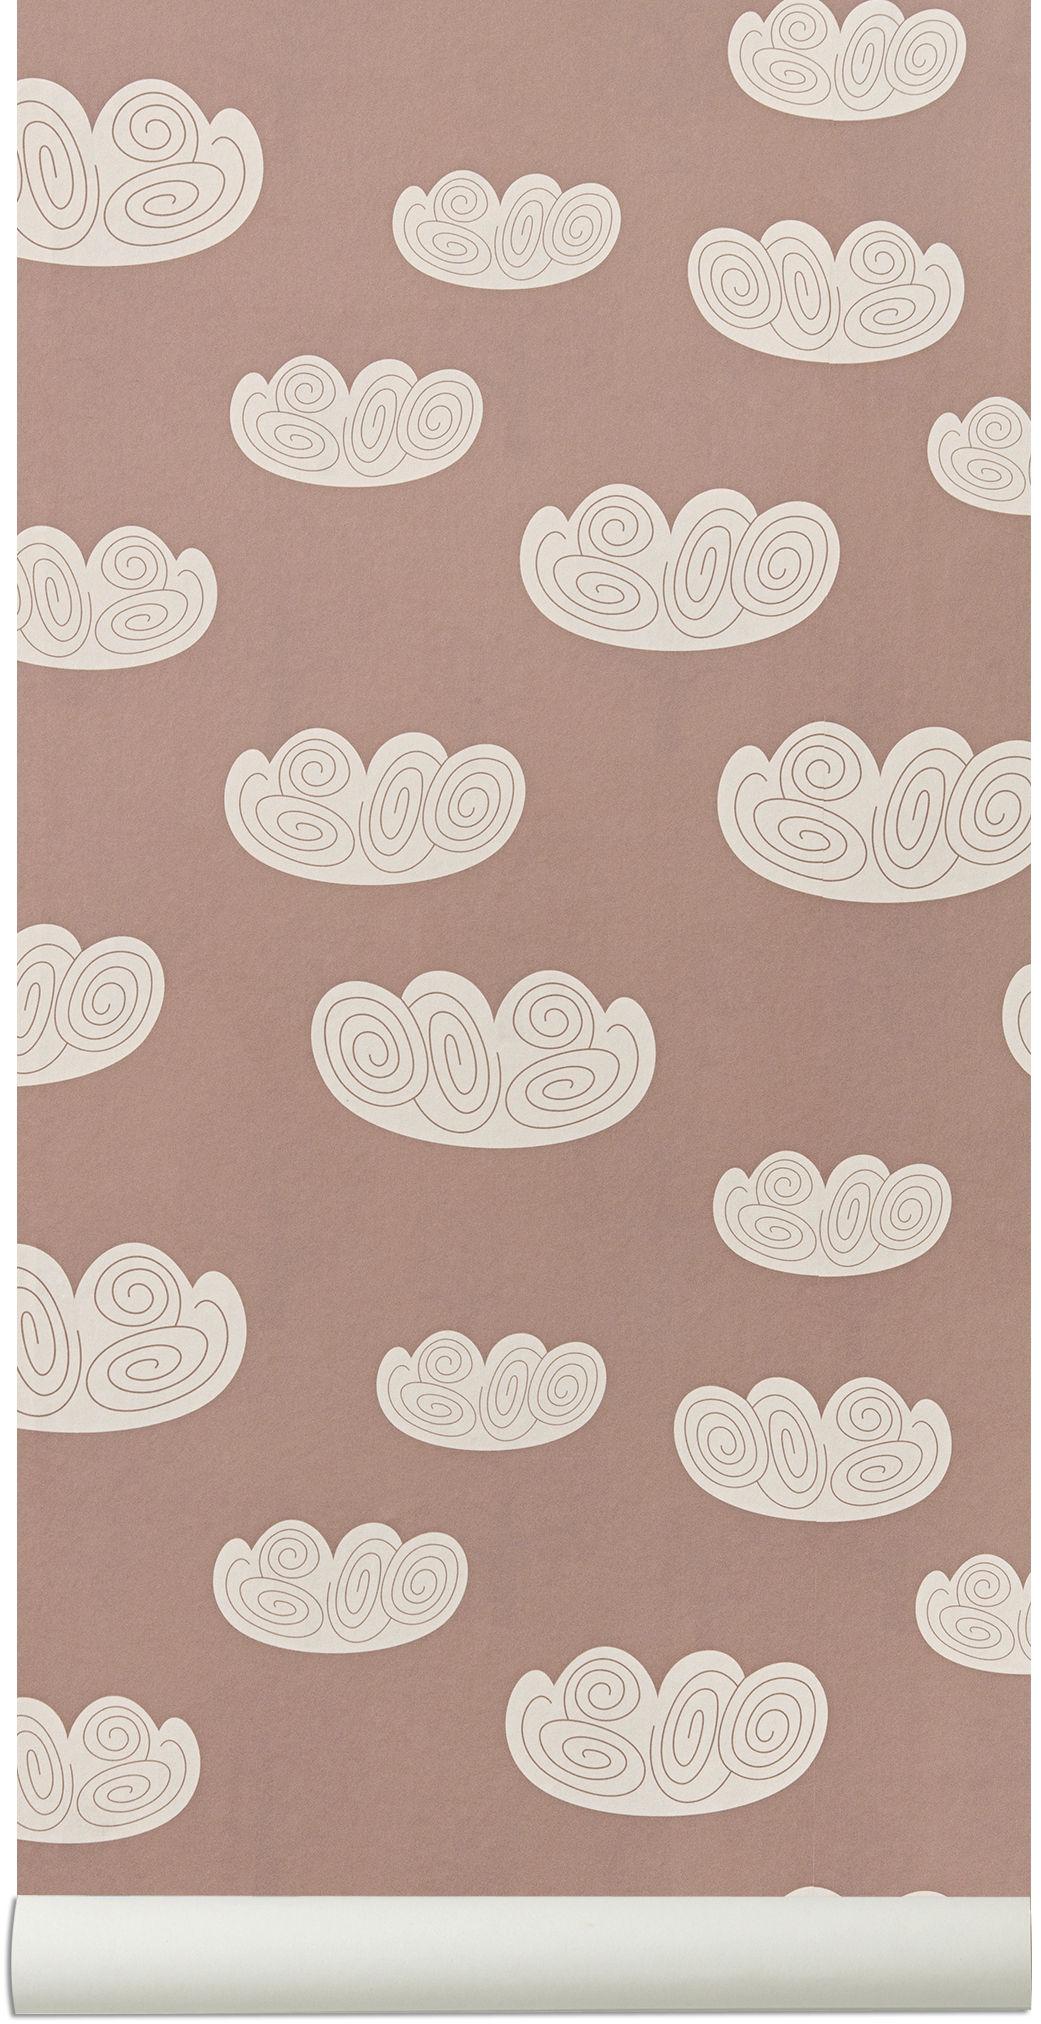 Déco - Stickers, papiers peints & posters - Papier peint Cloud / 1 rouleau - Larg 53 cm - Ferm Living - Rose pastel - Toile intissée